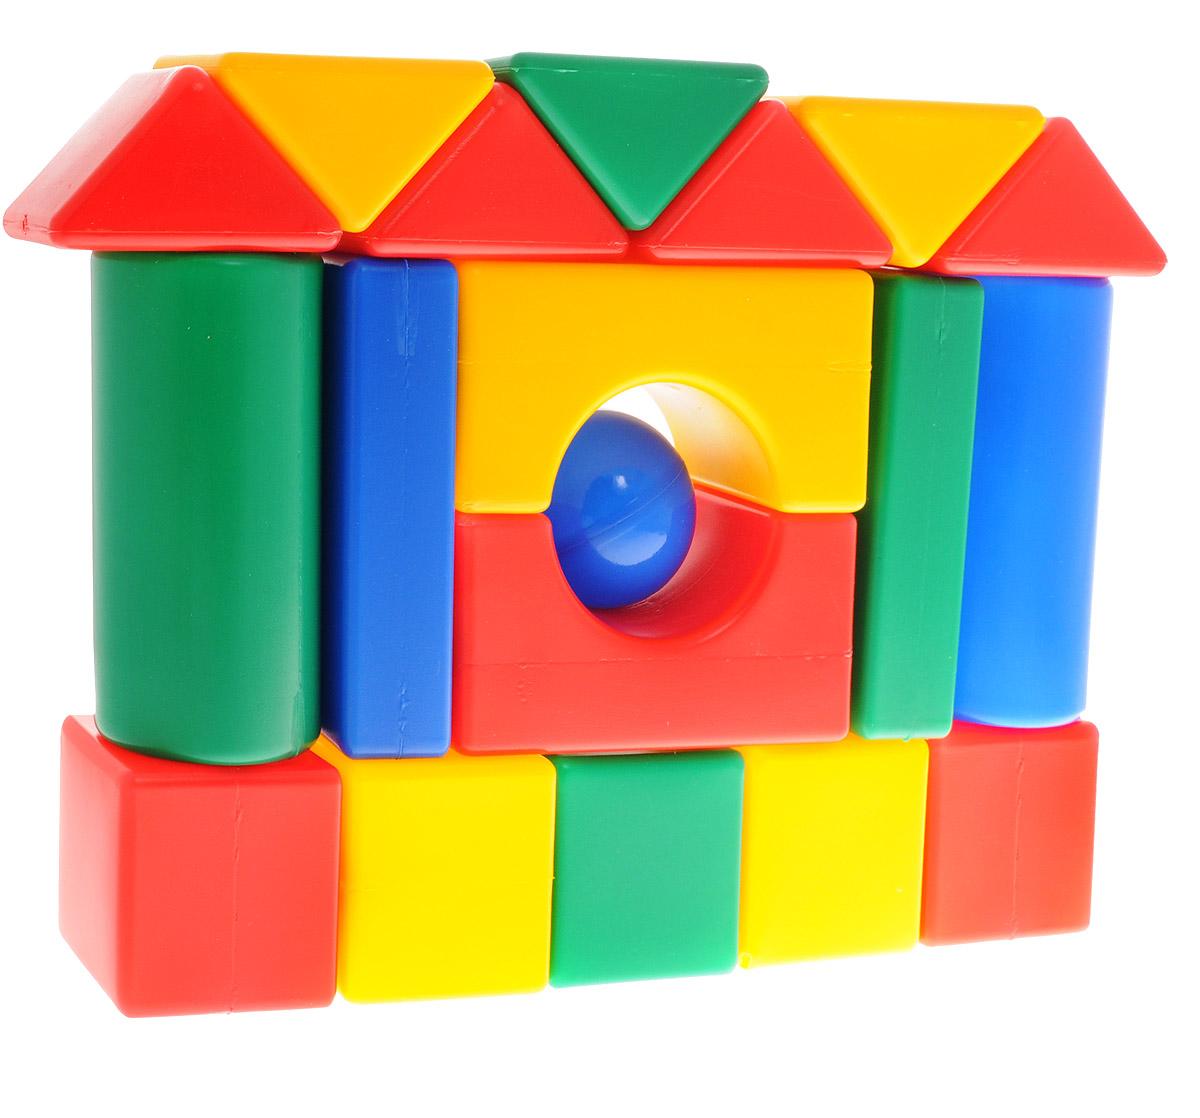 ГринПласт Конструктор Мой Городок КСТ0019КСТ0019Яркий конструктор Мой городок привлечет внимание вашего ребенка и не позволит ему скучать. Это яркие, вариативные по форме и размерам детали, которые могут послужить материалом для создания целого городка, домика и всего, что ему подскажет фантазия. Из кубиков можно построить оригинальные здания и башни, выдумывать новые игры и формы. Элементы конструктора крупные, поэтому ребенку будет легко и удобно играть с ними. Все элементы изготовлены из высококачественных материалов, которые абсолютно безопасны для ребенка. Конструктор состоит из 19 крупных деталей. Игра с конструктором поможет ребенку научиться соотносить форму и величину предметов, развить мелкую моторику рук, логическое и пространственное мышление и творческие способности, а также поспособствует развитию концентрации внимания и усидчивости.